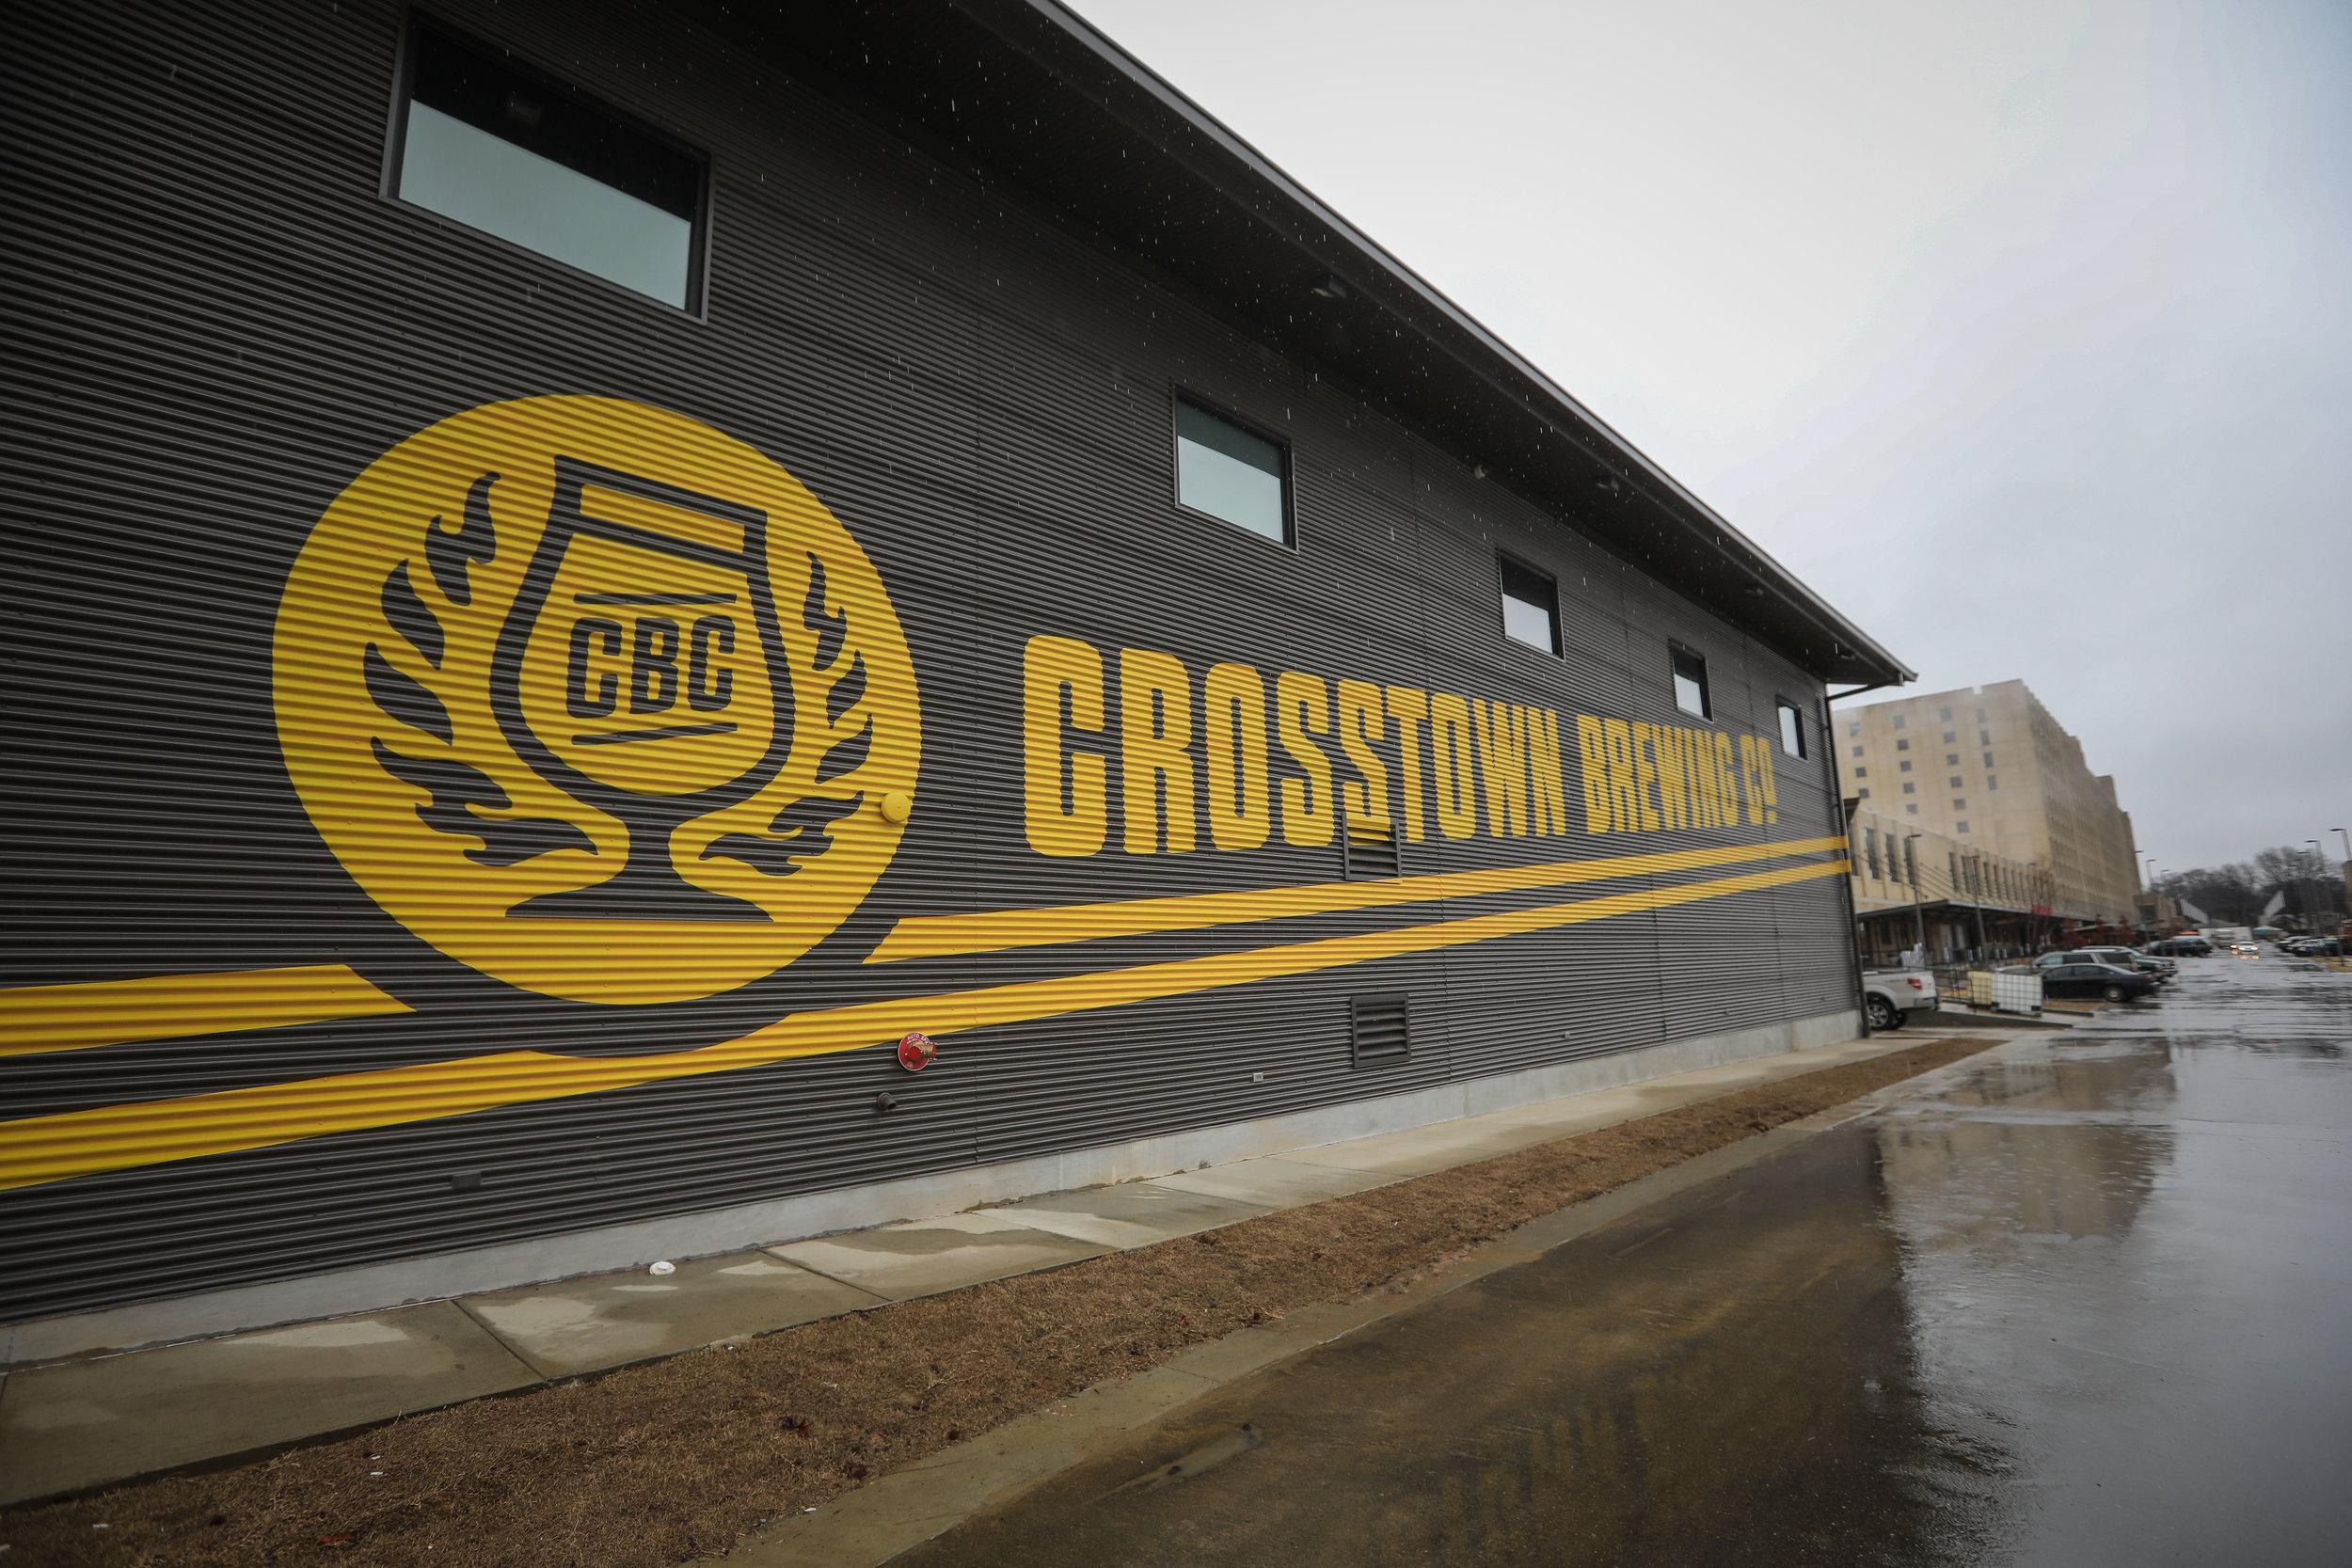 blog_crosstown-brewing-opening11.jpg